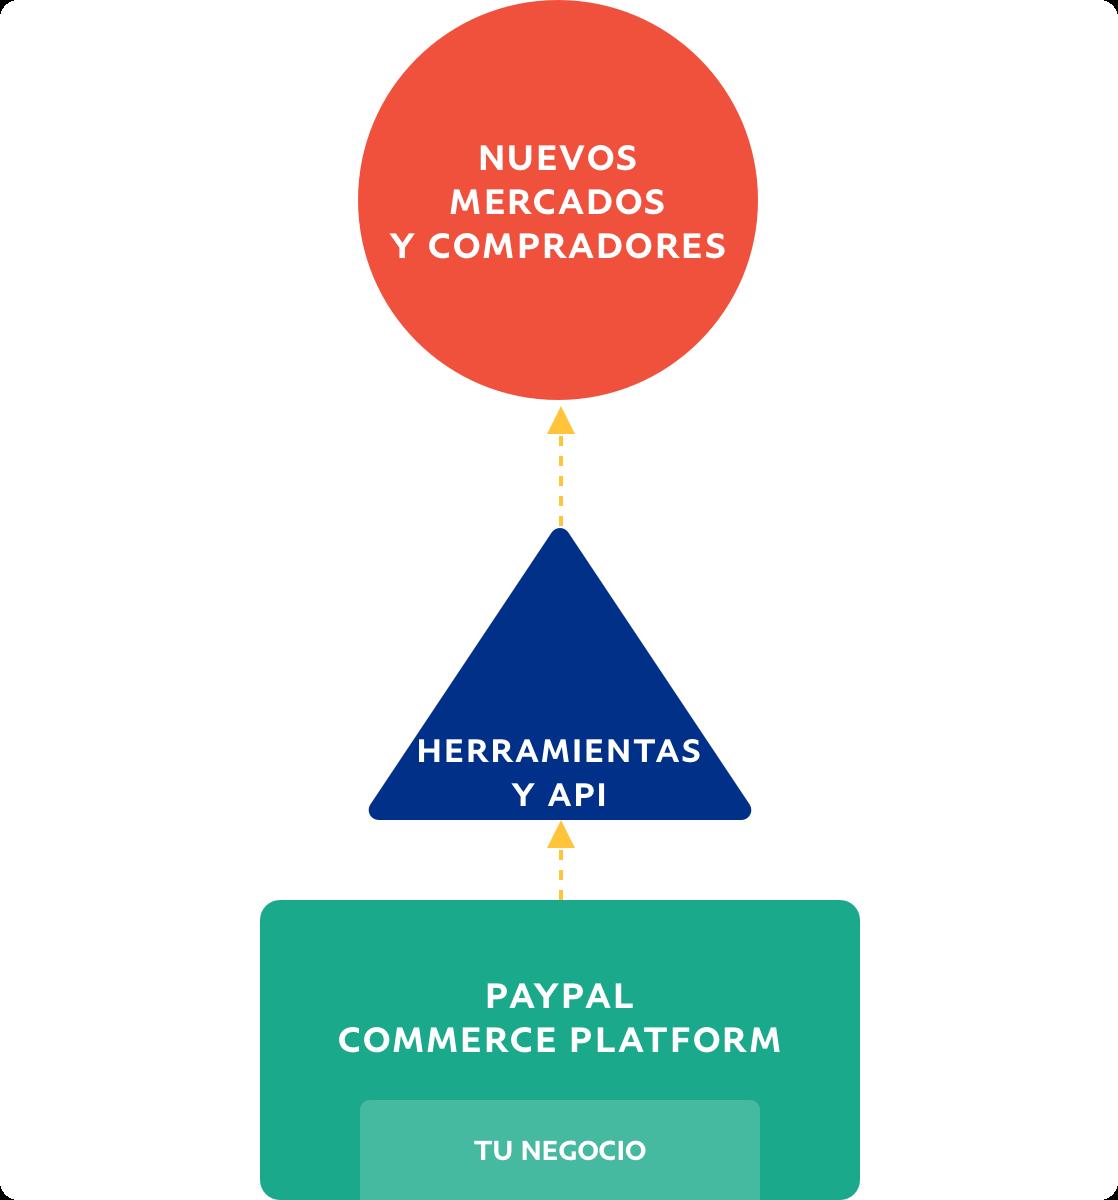 Gráfico que representa el flujo de los negocios hacia los nuevos mercados y compradores.